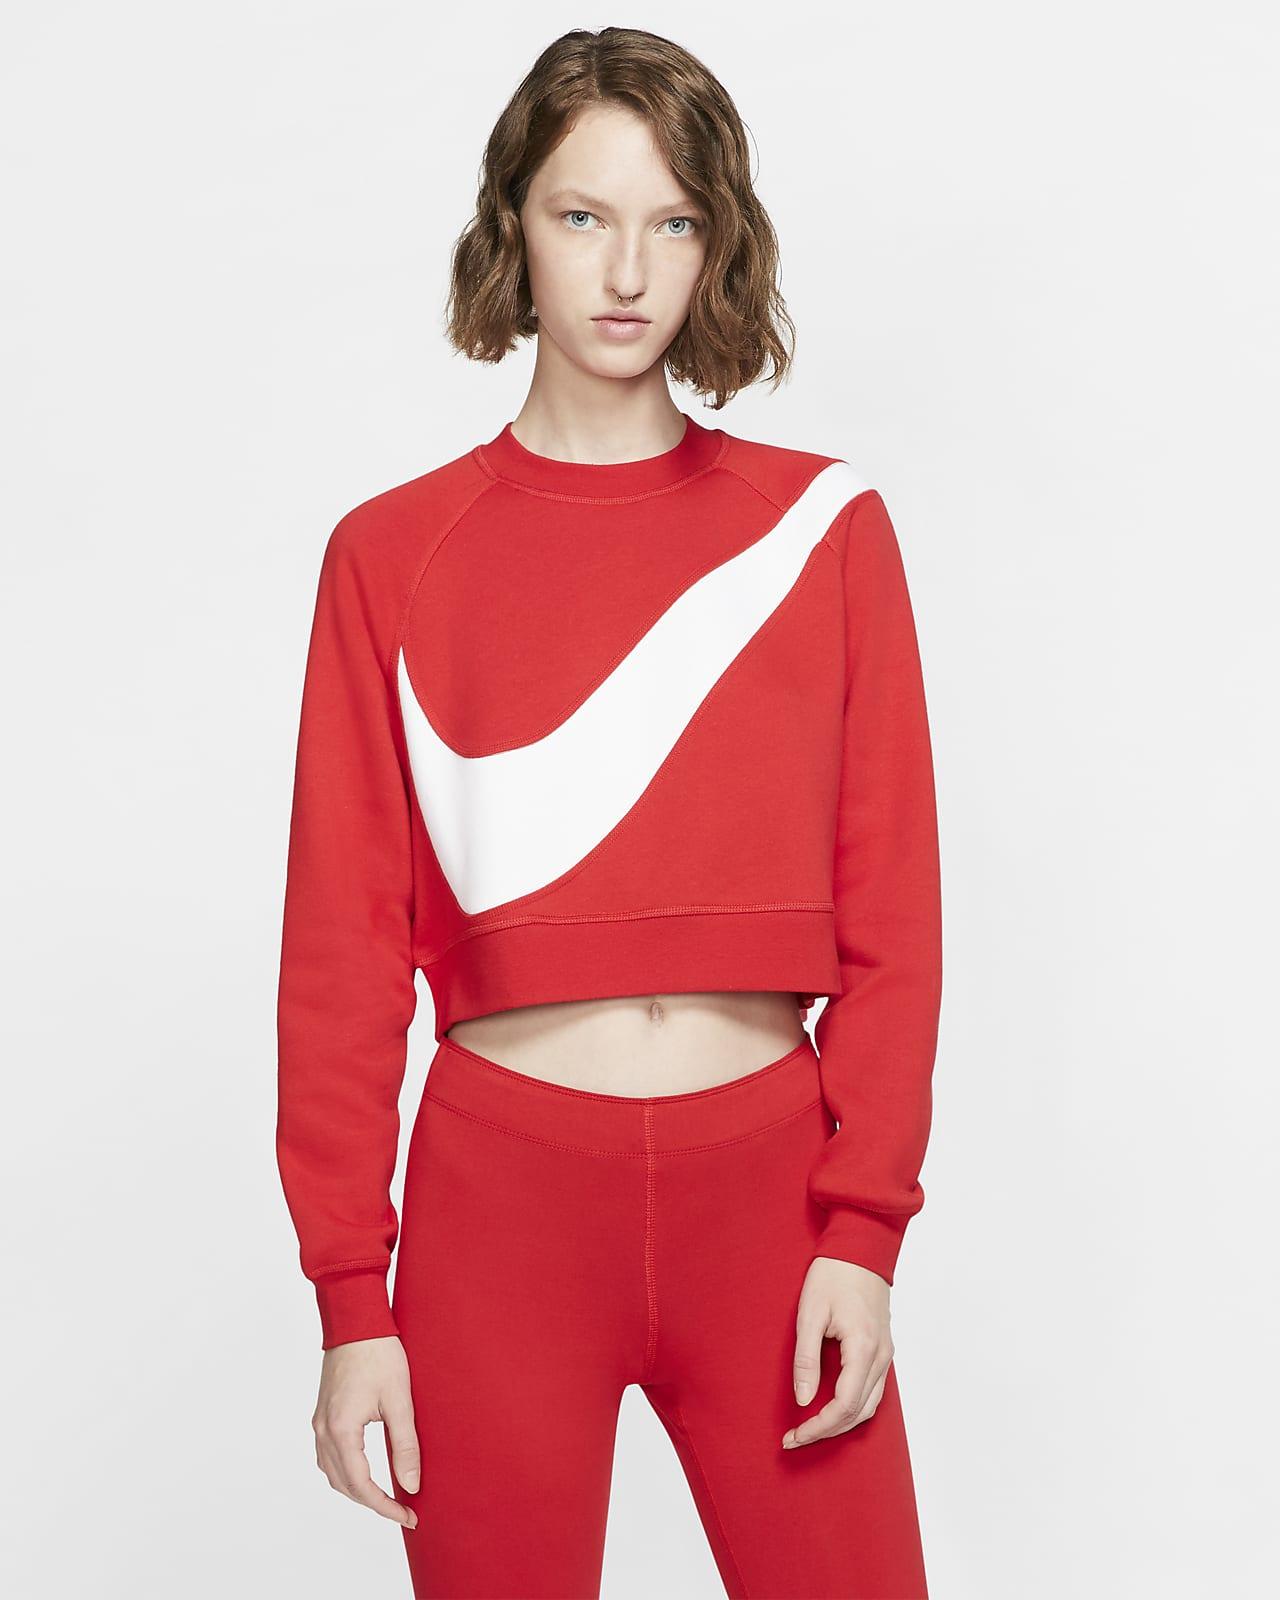 Γυναικεία φλις μπλούζα Nike Sportswear Swoosh